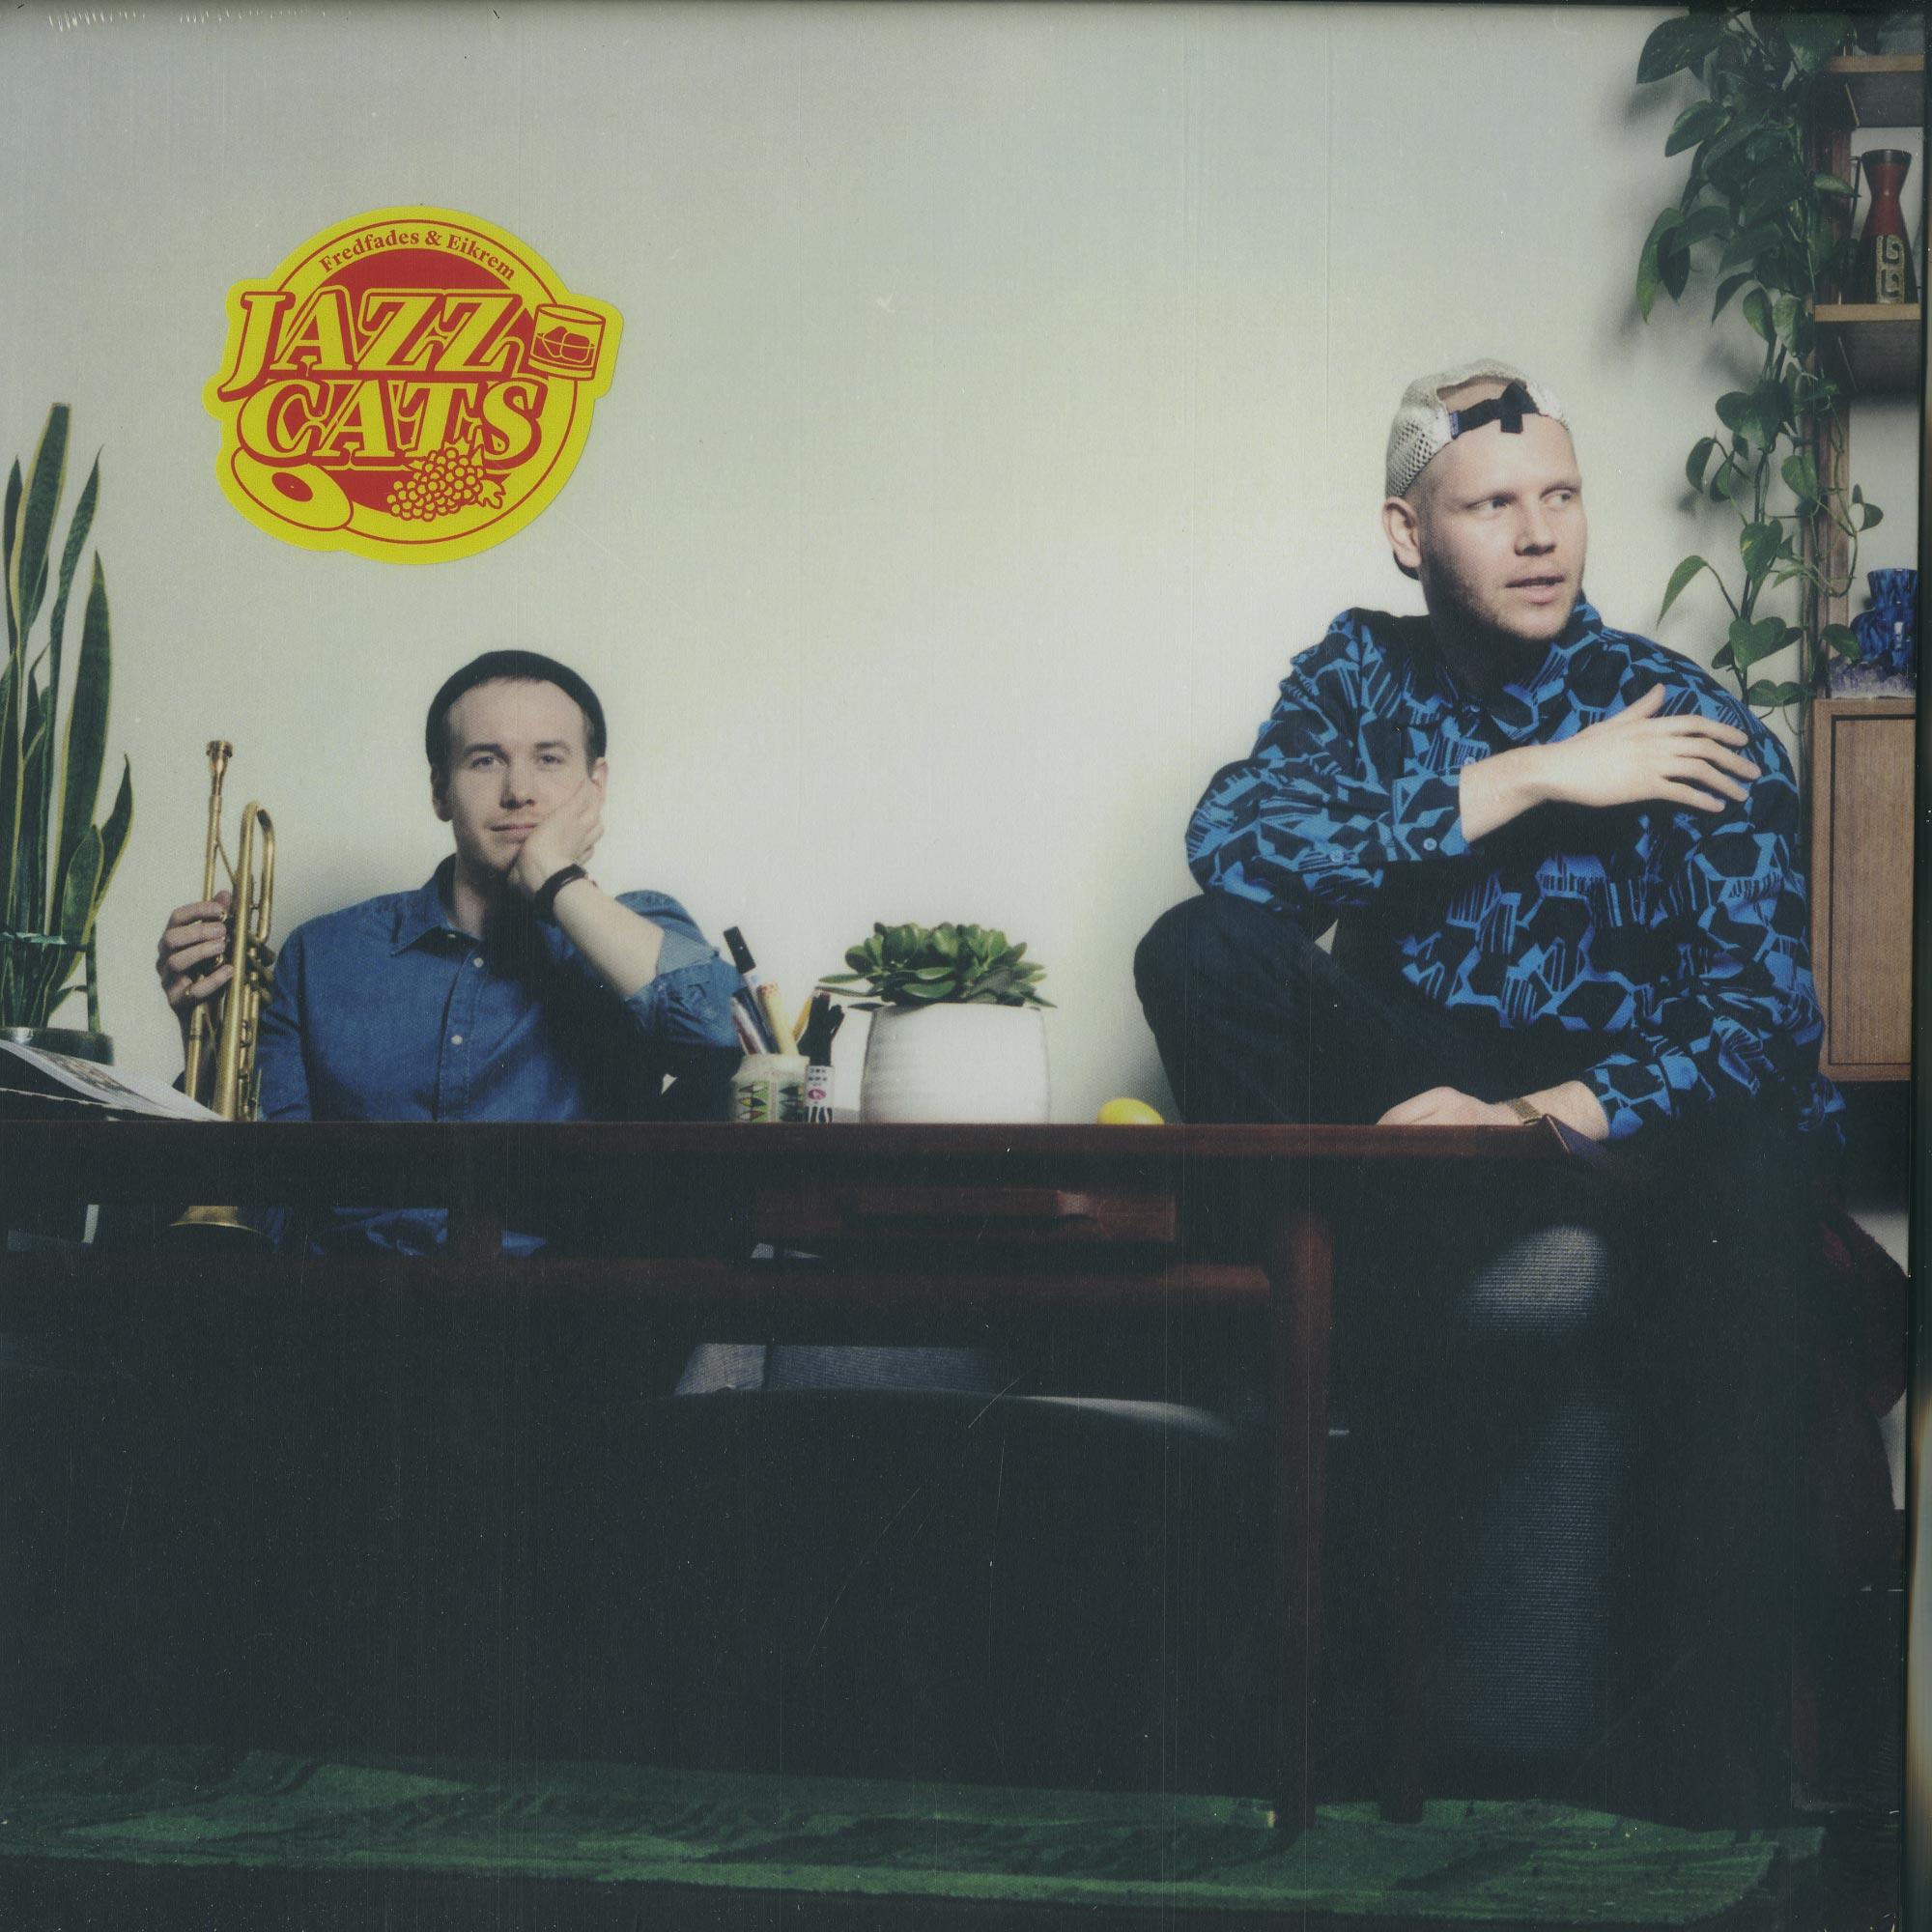 Fred Fades & Eikrem - JAZZ CATS